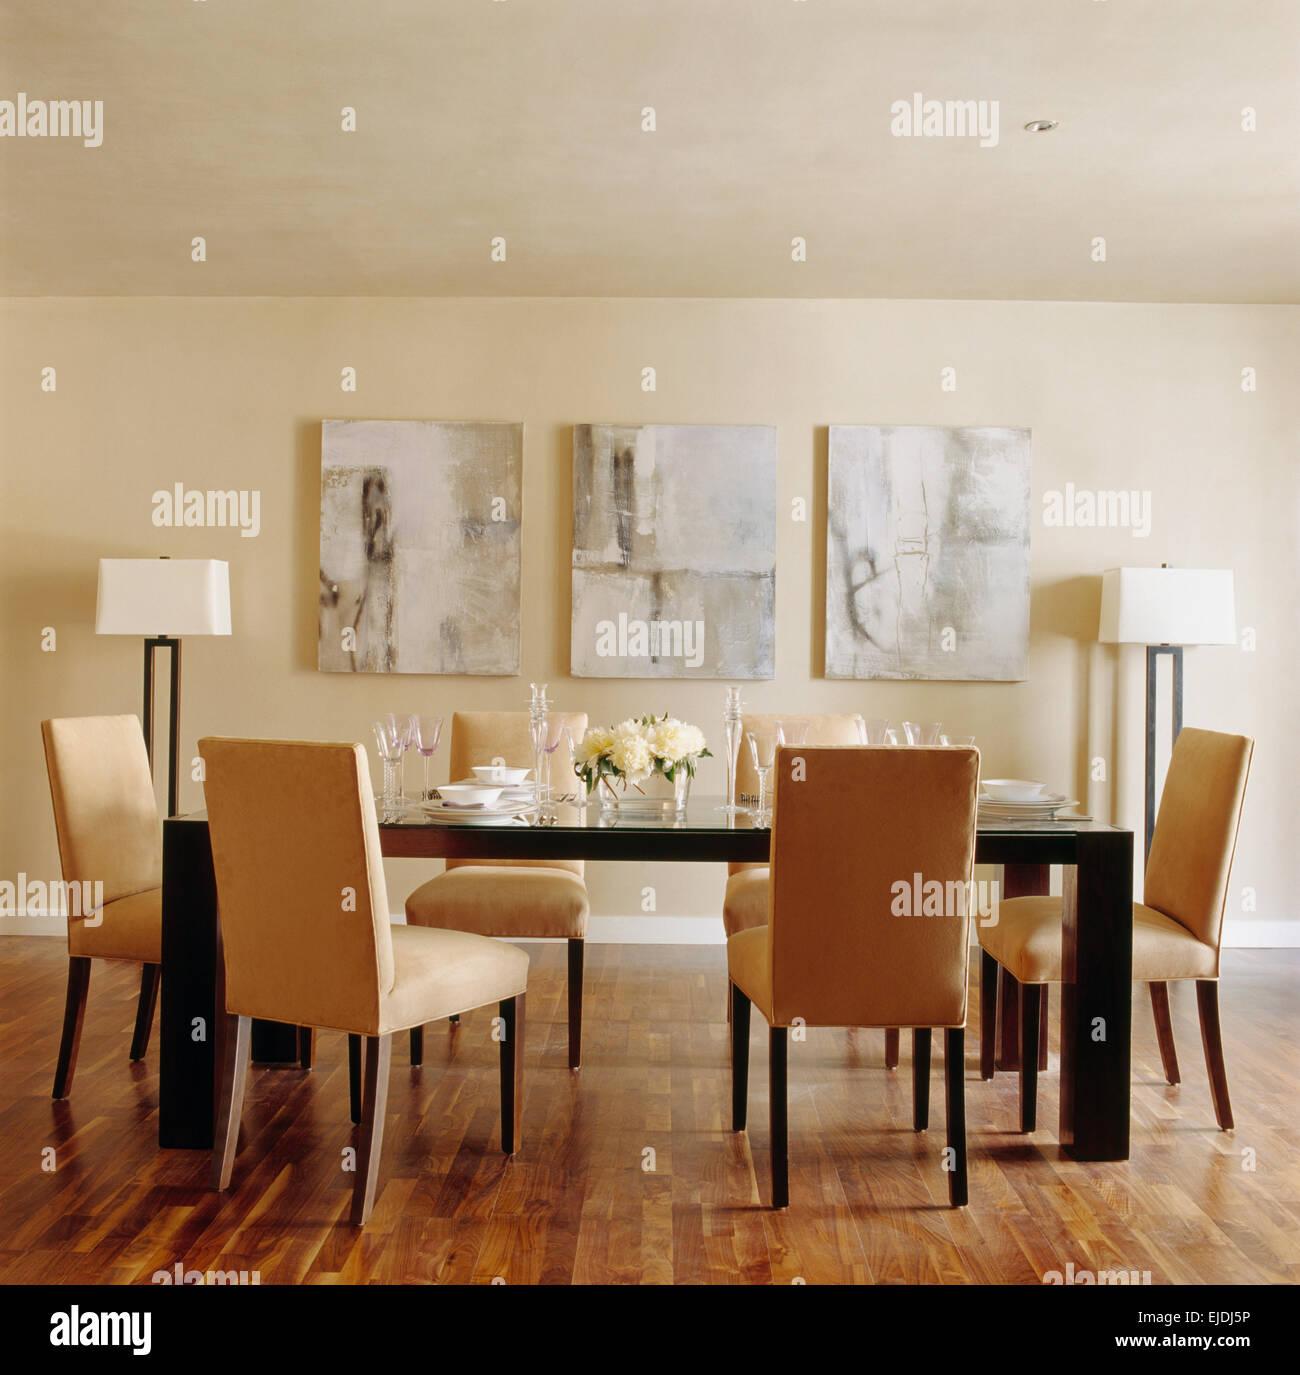 Wildleder gepolsterte Stühle und Glas gekrönt schwarzen Tisch im modernen Speisesaal mit abstrakten Gemälde Stockbild